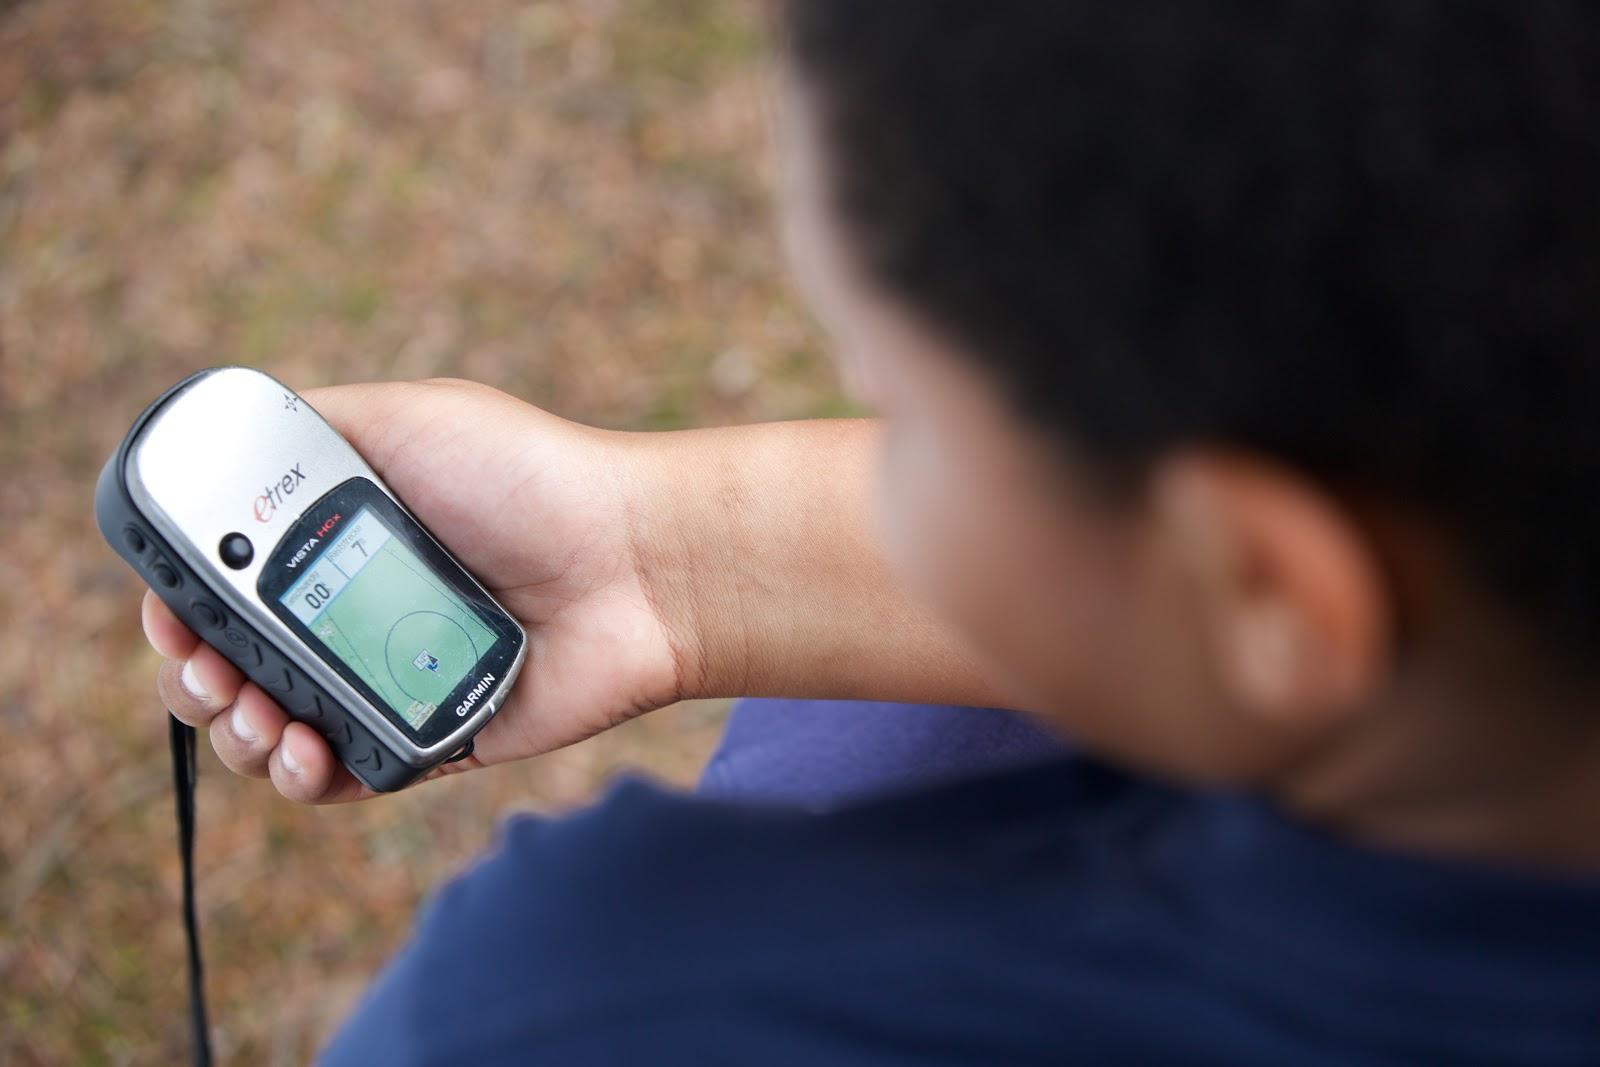 Hier siehst Du einen jungen Mann mit einem GPS-Gerät